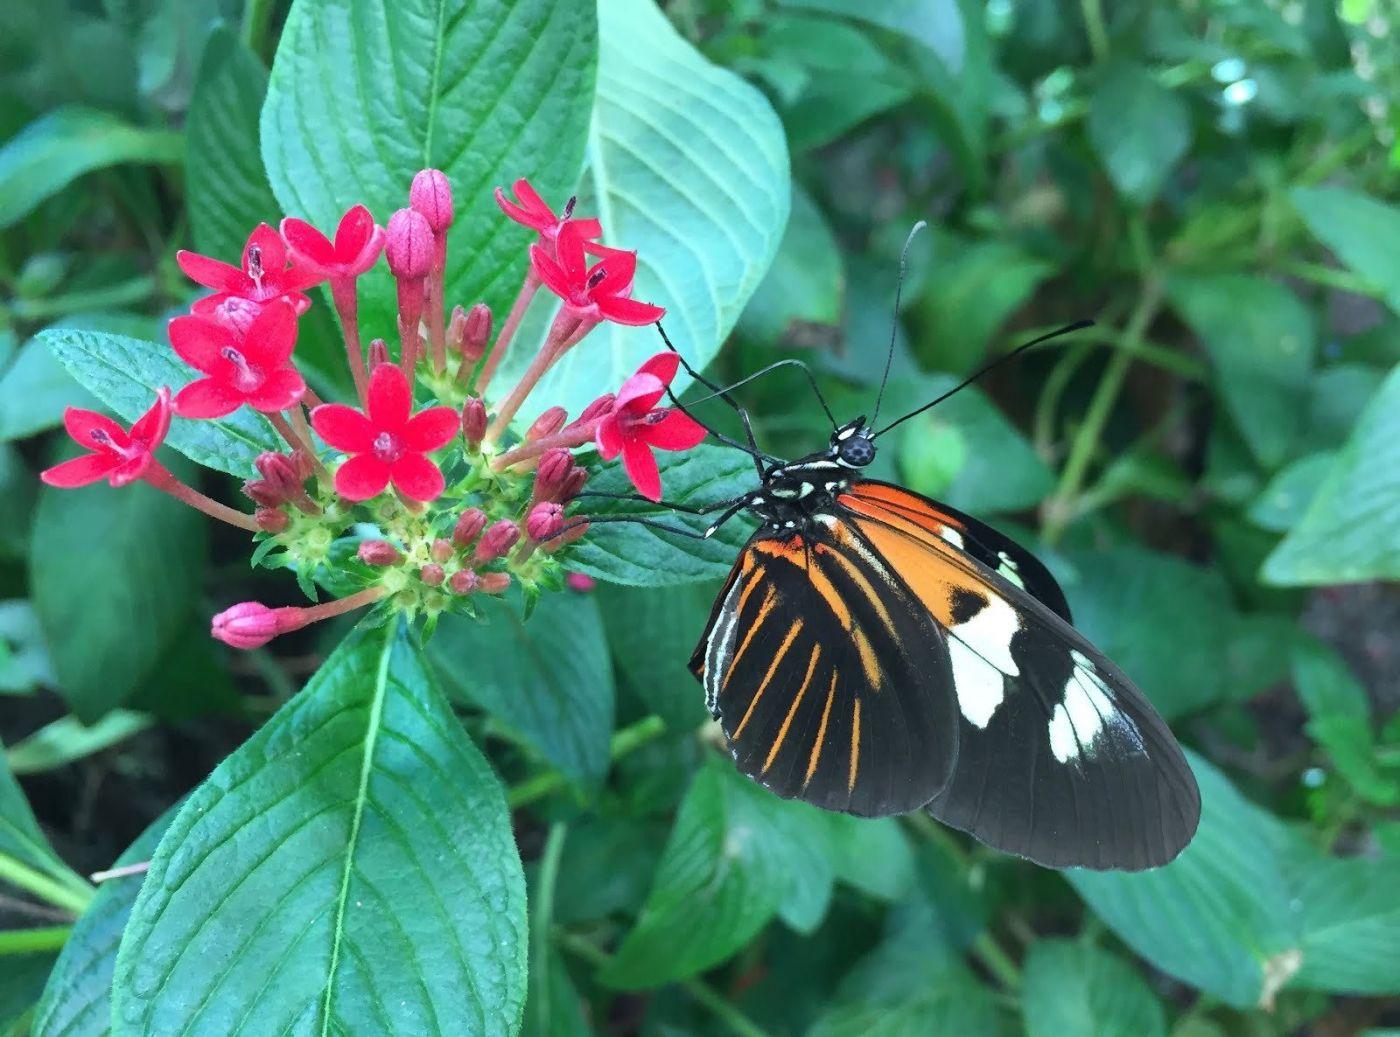 赫尔希花园看蝴蝶_图1-5